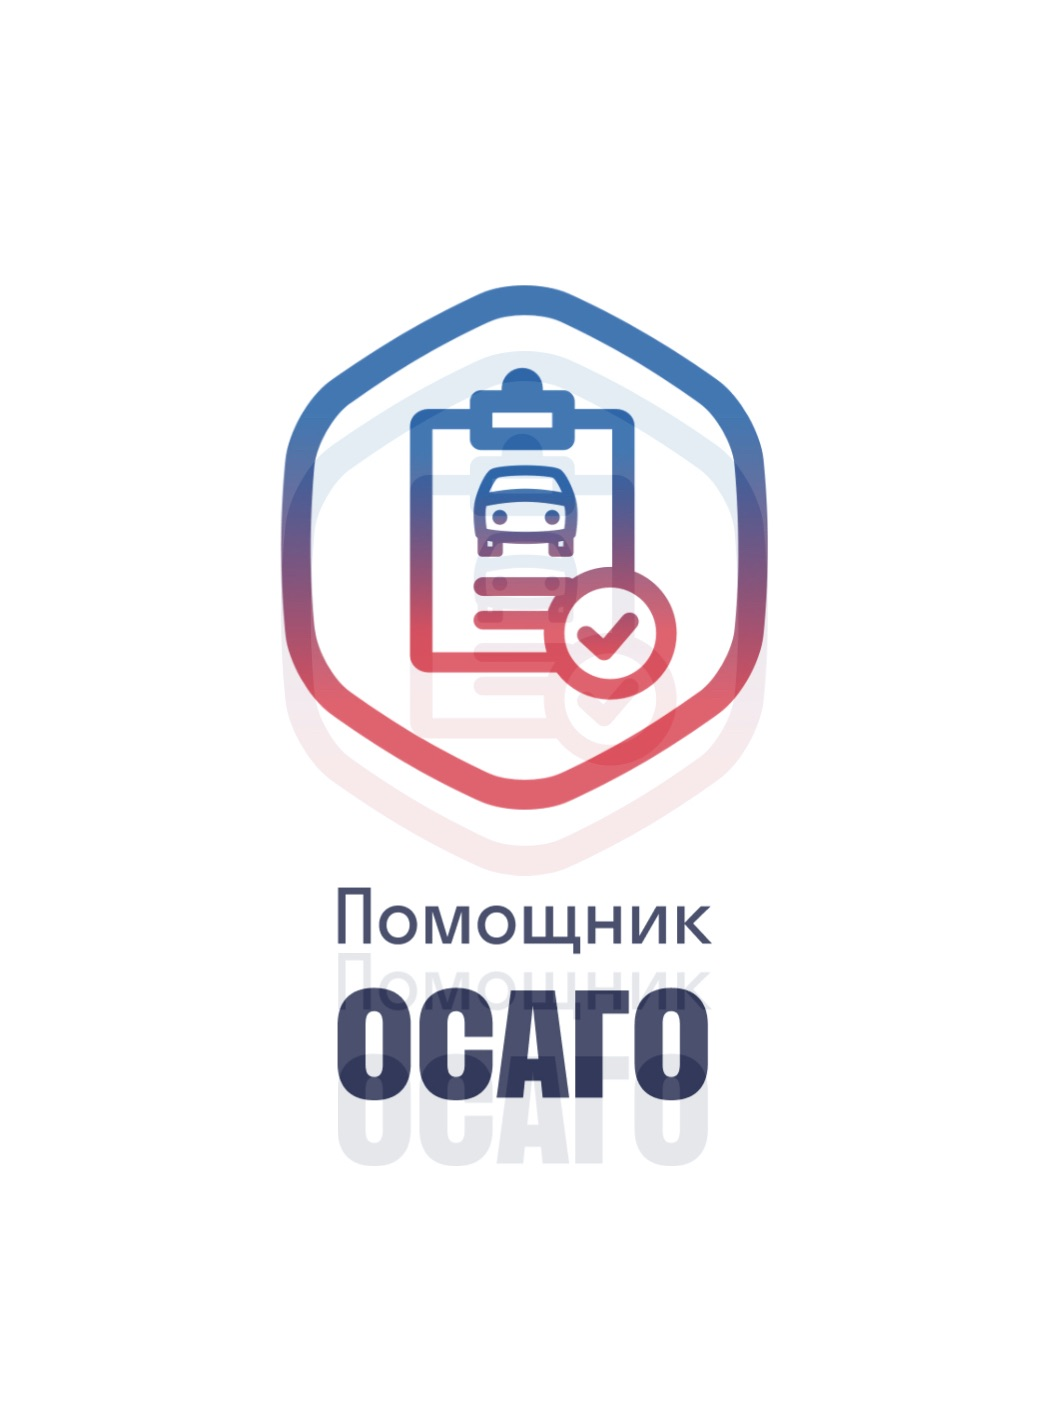 Помощник ОСАГО дтп 1 ноября 2020 европротокол